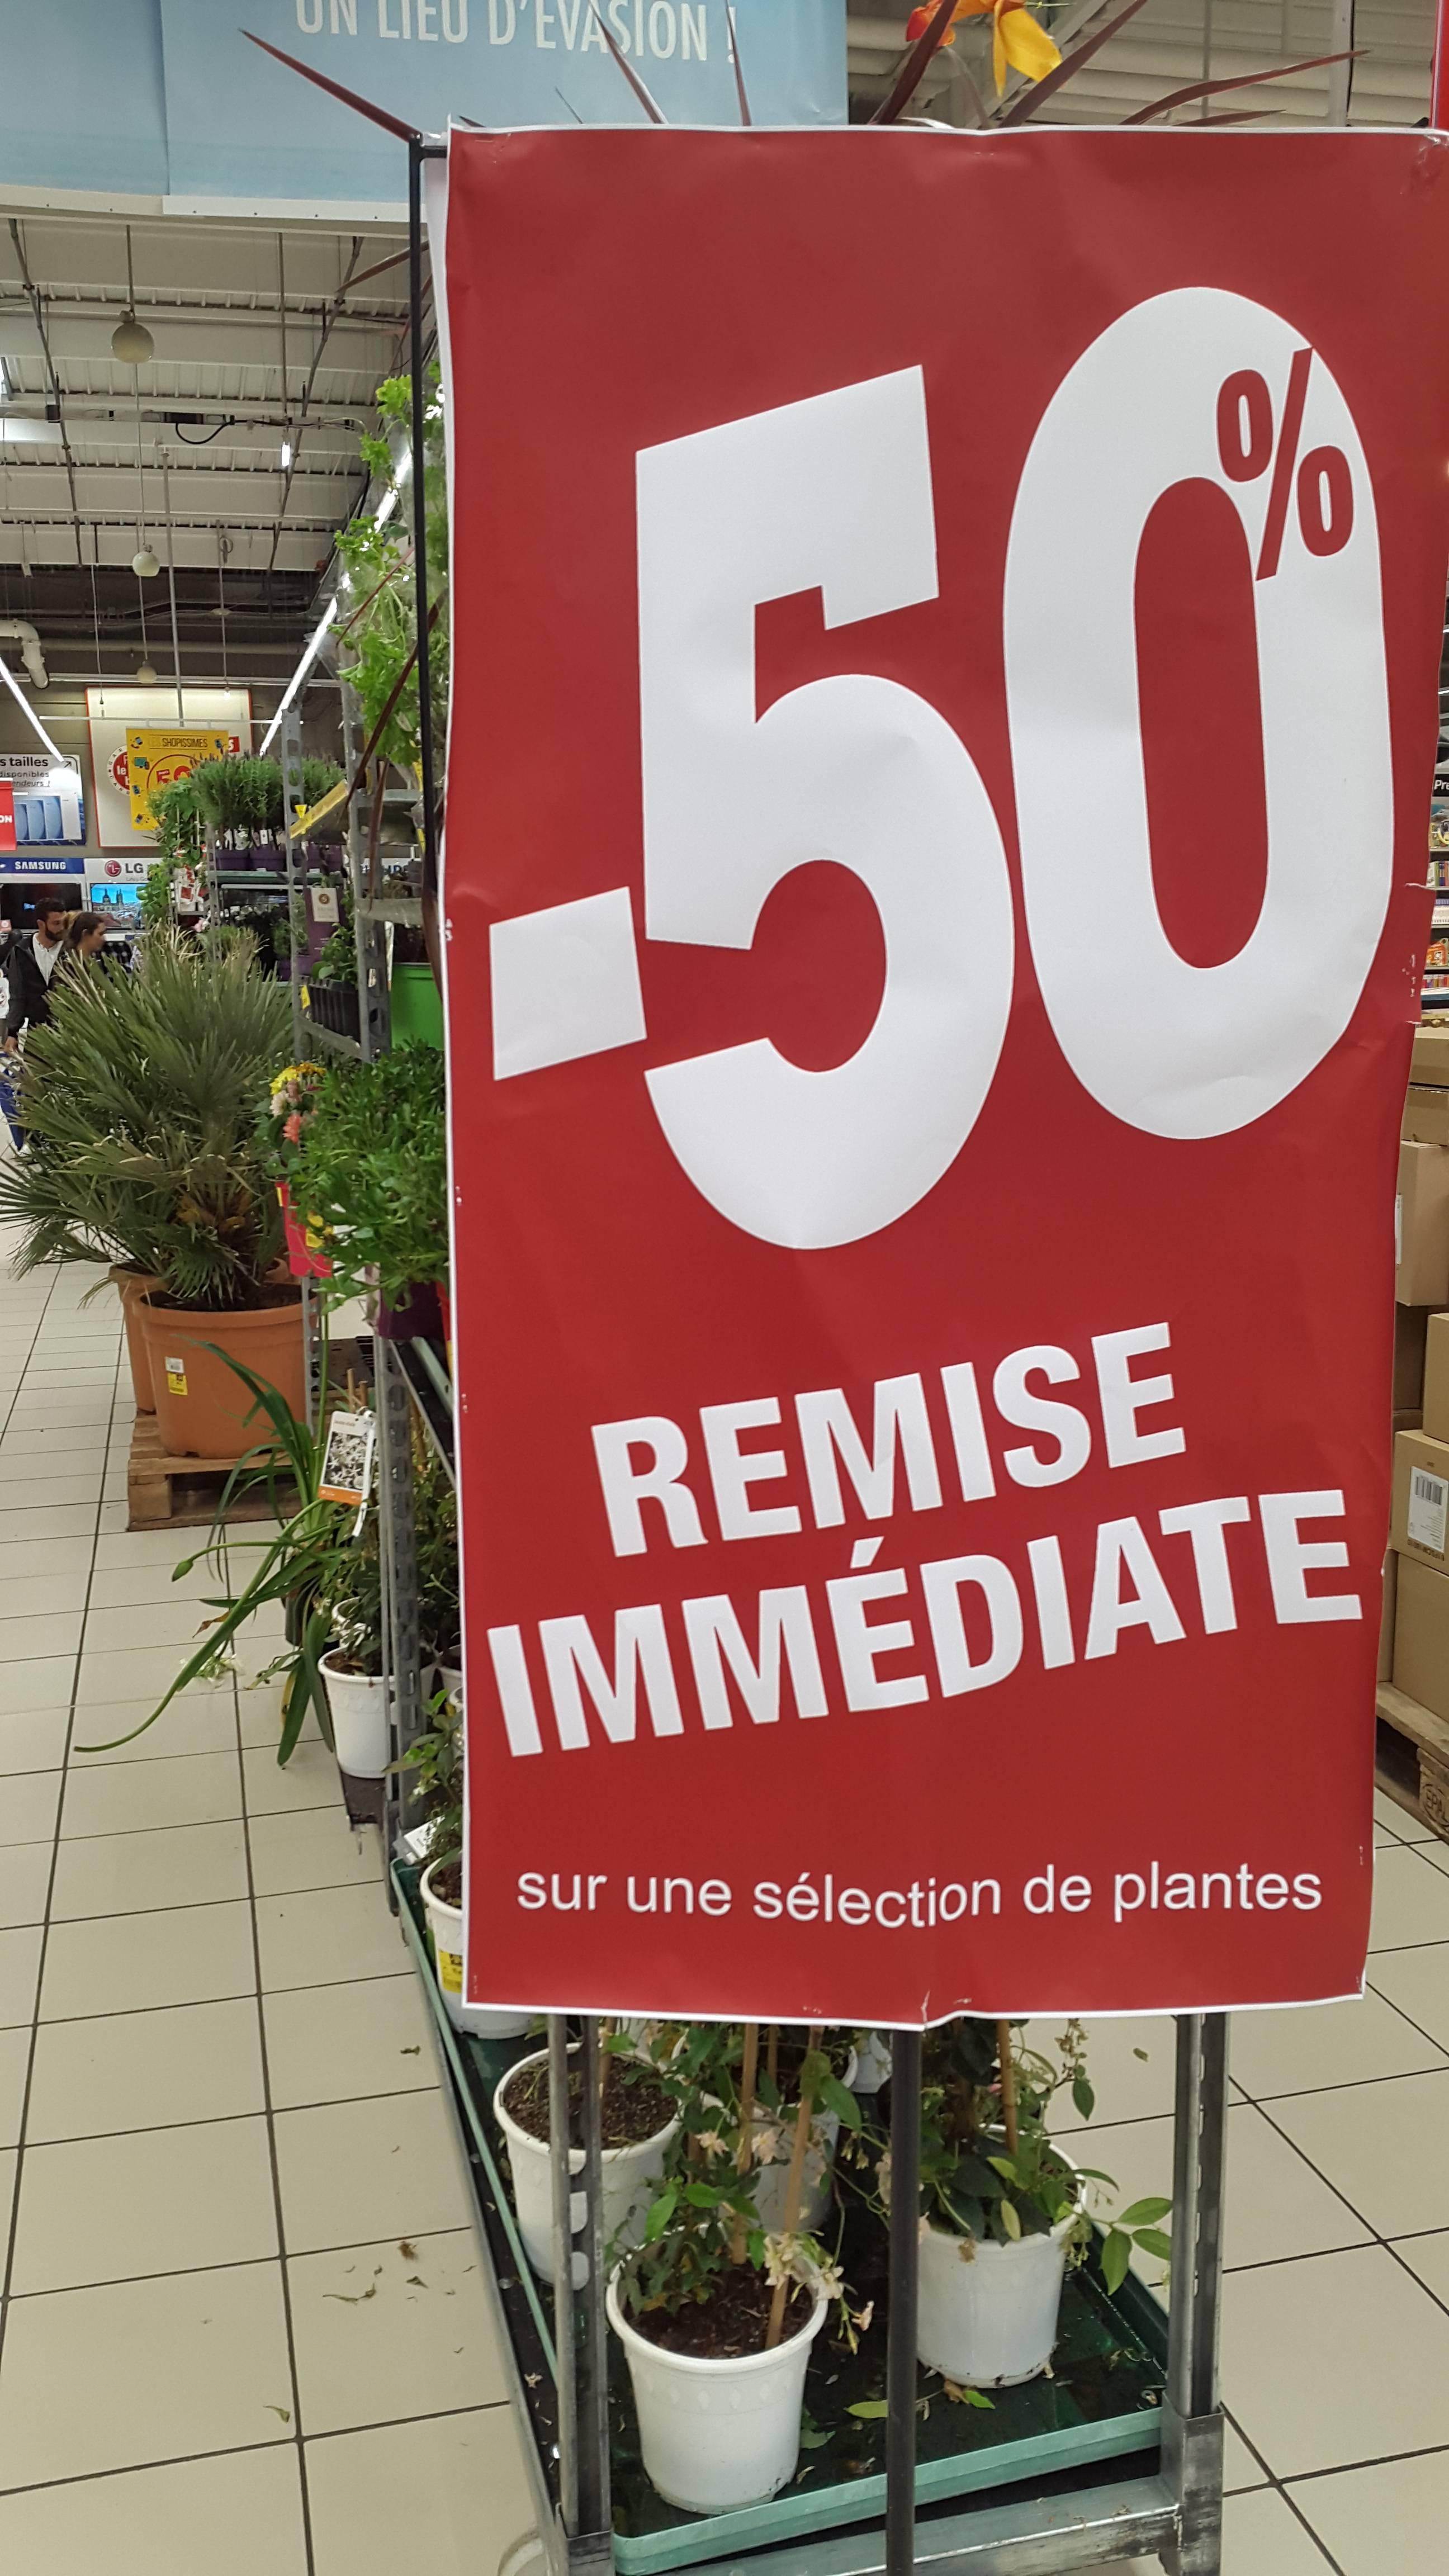 -50% de remise immédiate sur une sélection de plantes et de fleurs -  Carrefour Riom Ménétrol (63)